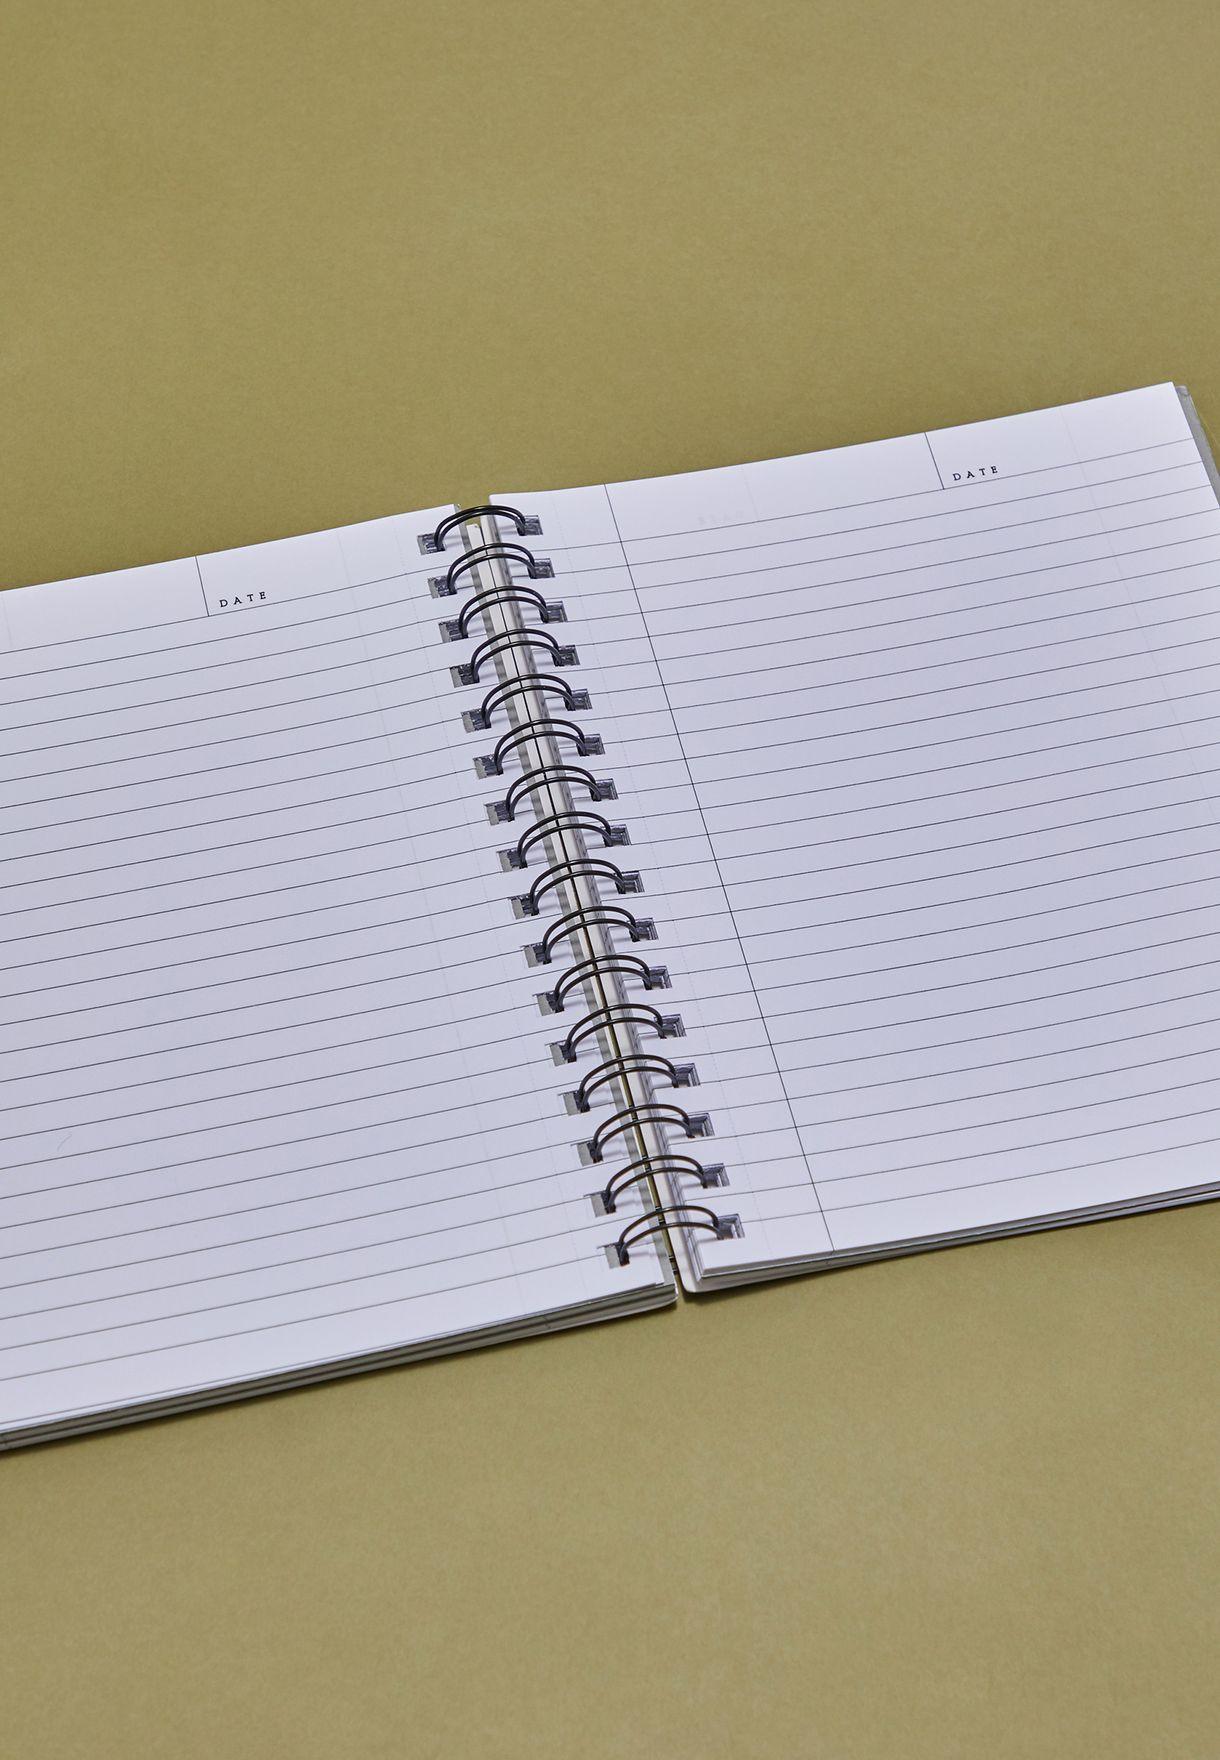 دفتر ملاحظات بطبعات رخامية